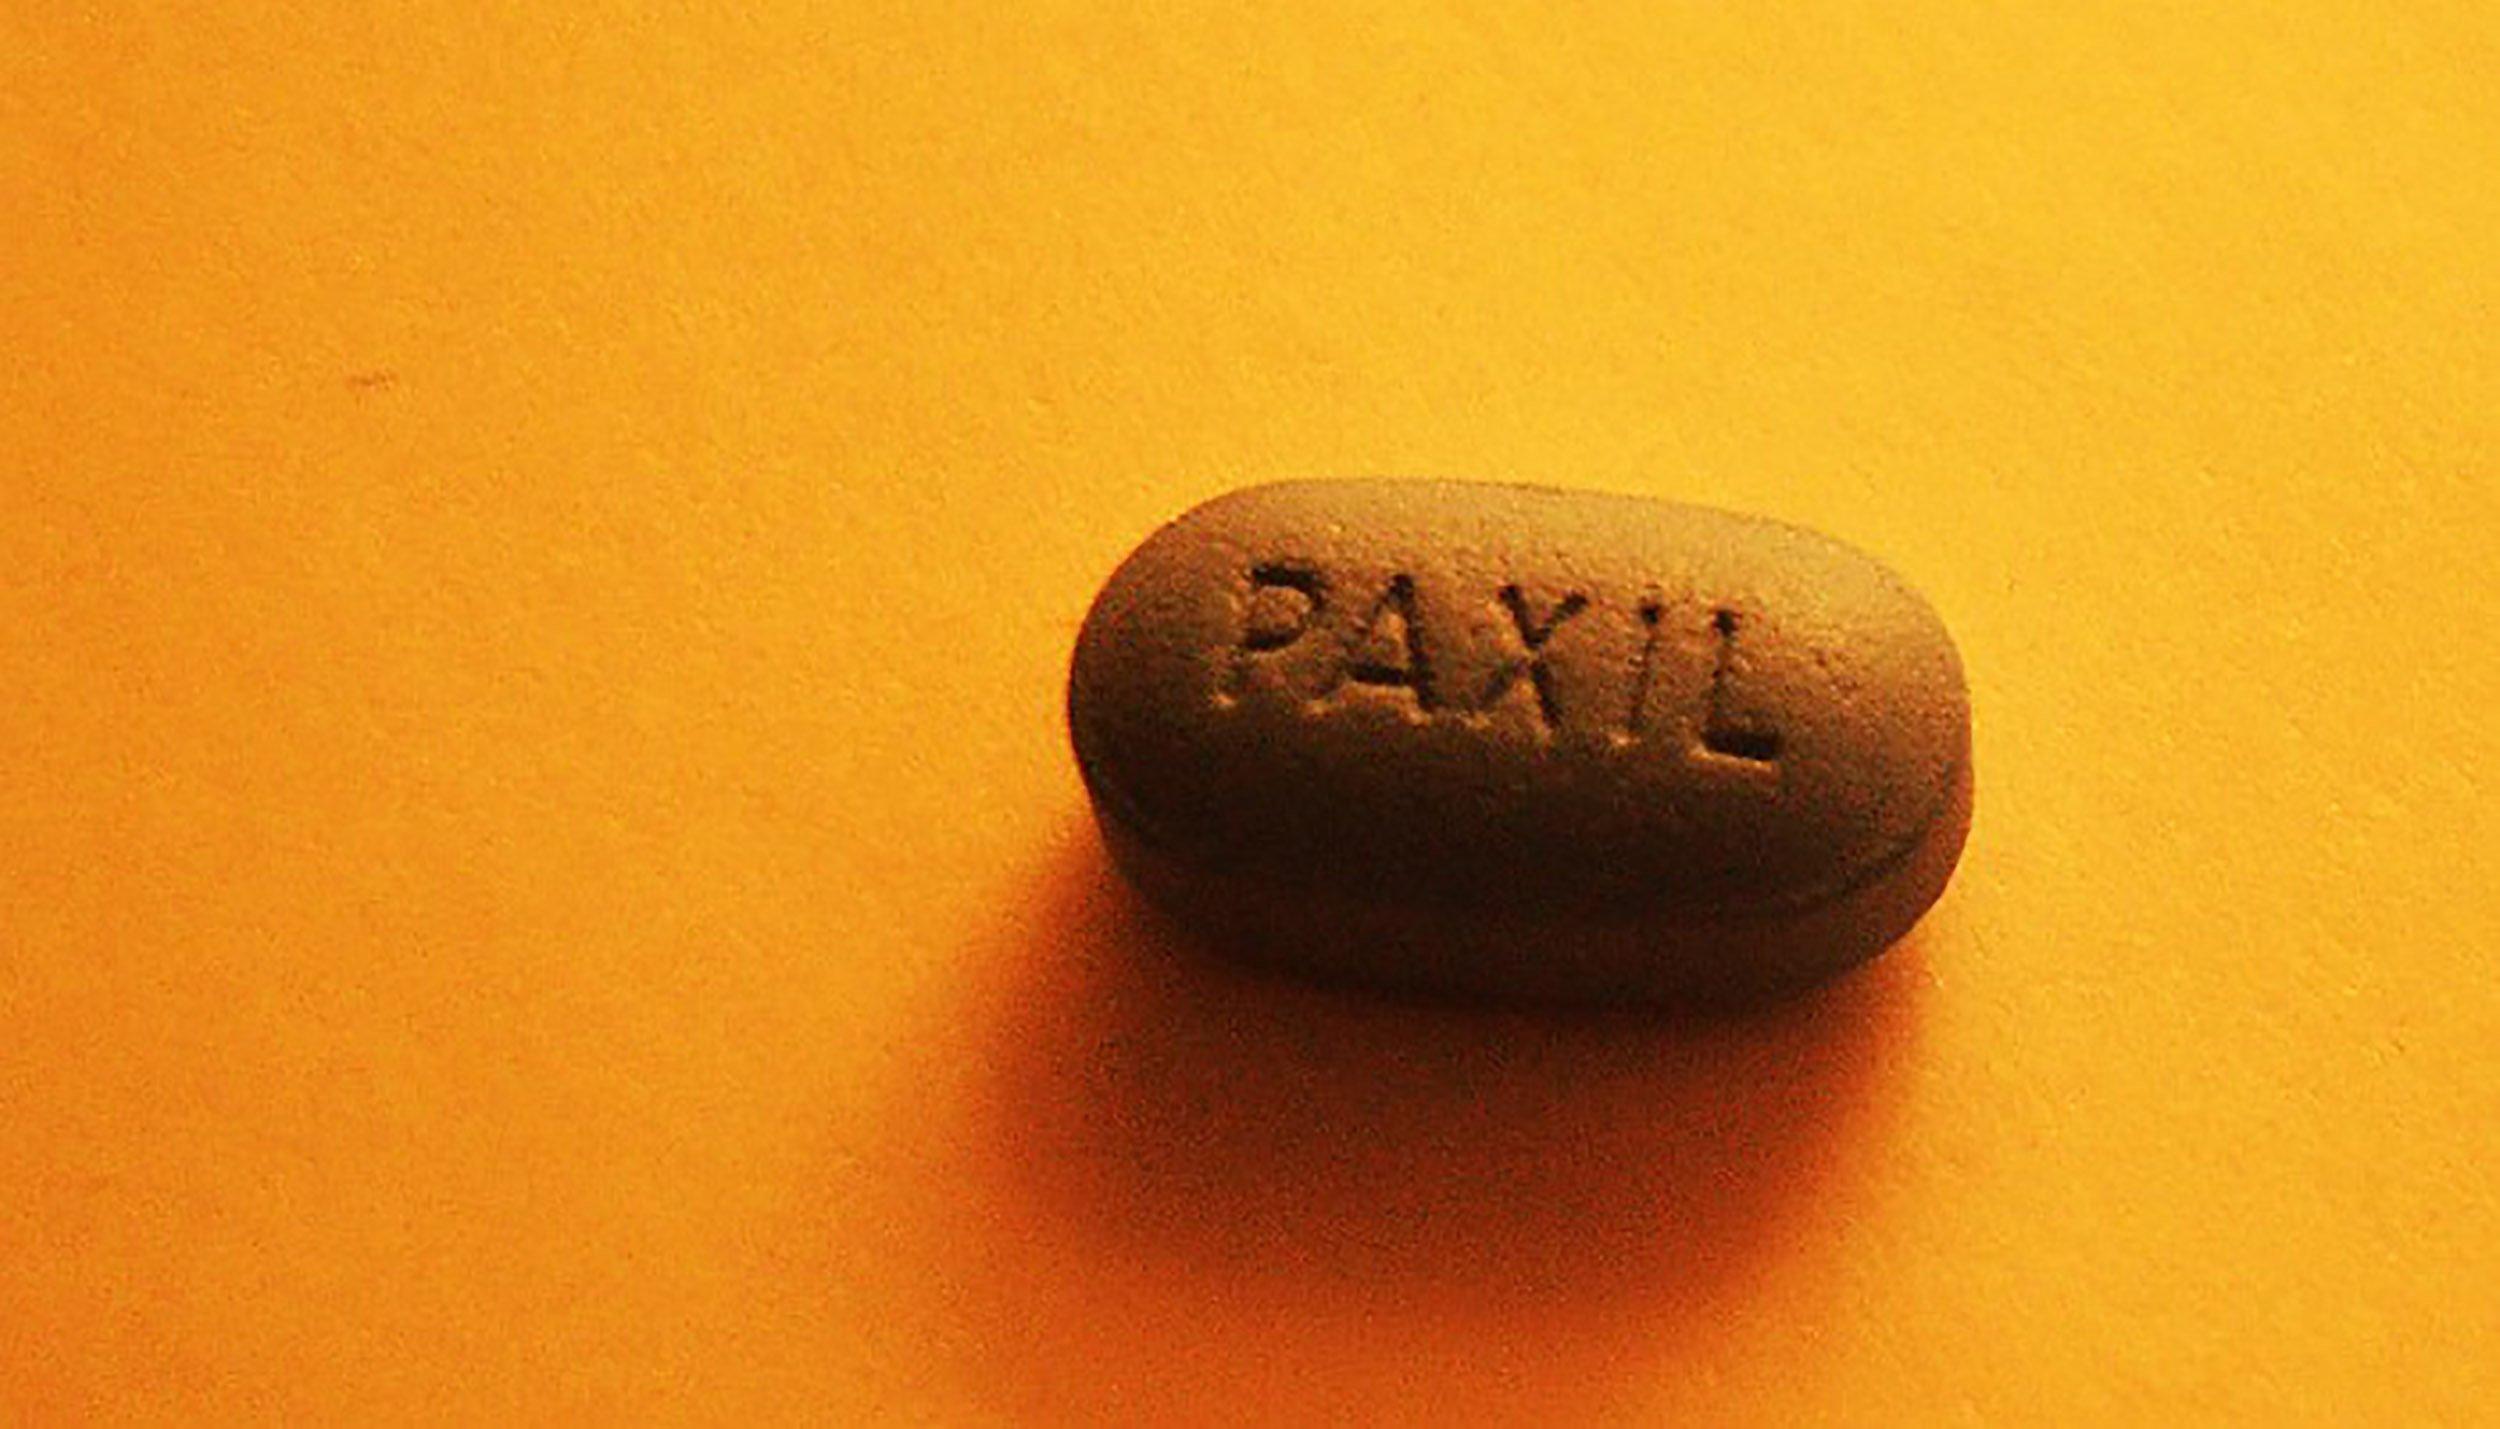 09_17_Paxil_01